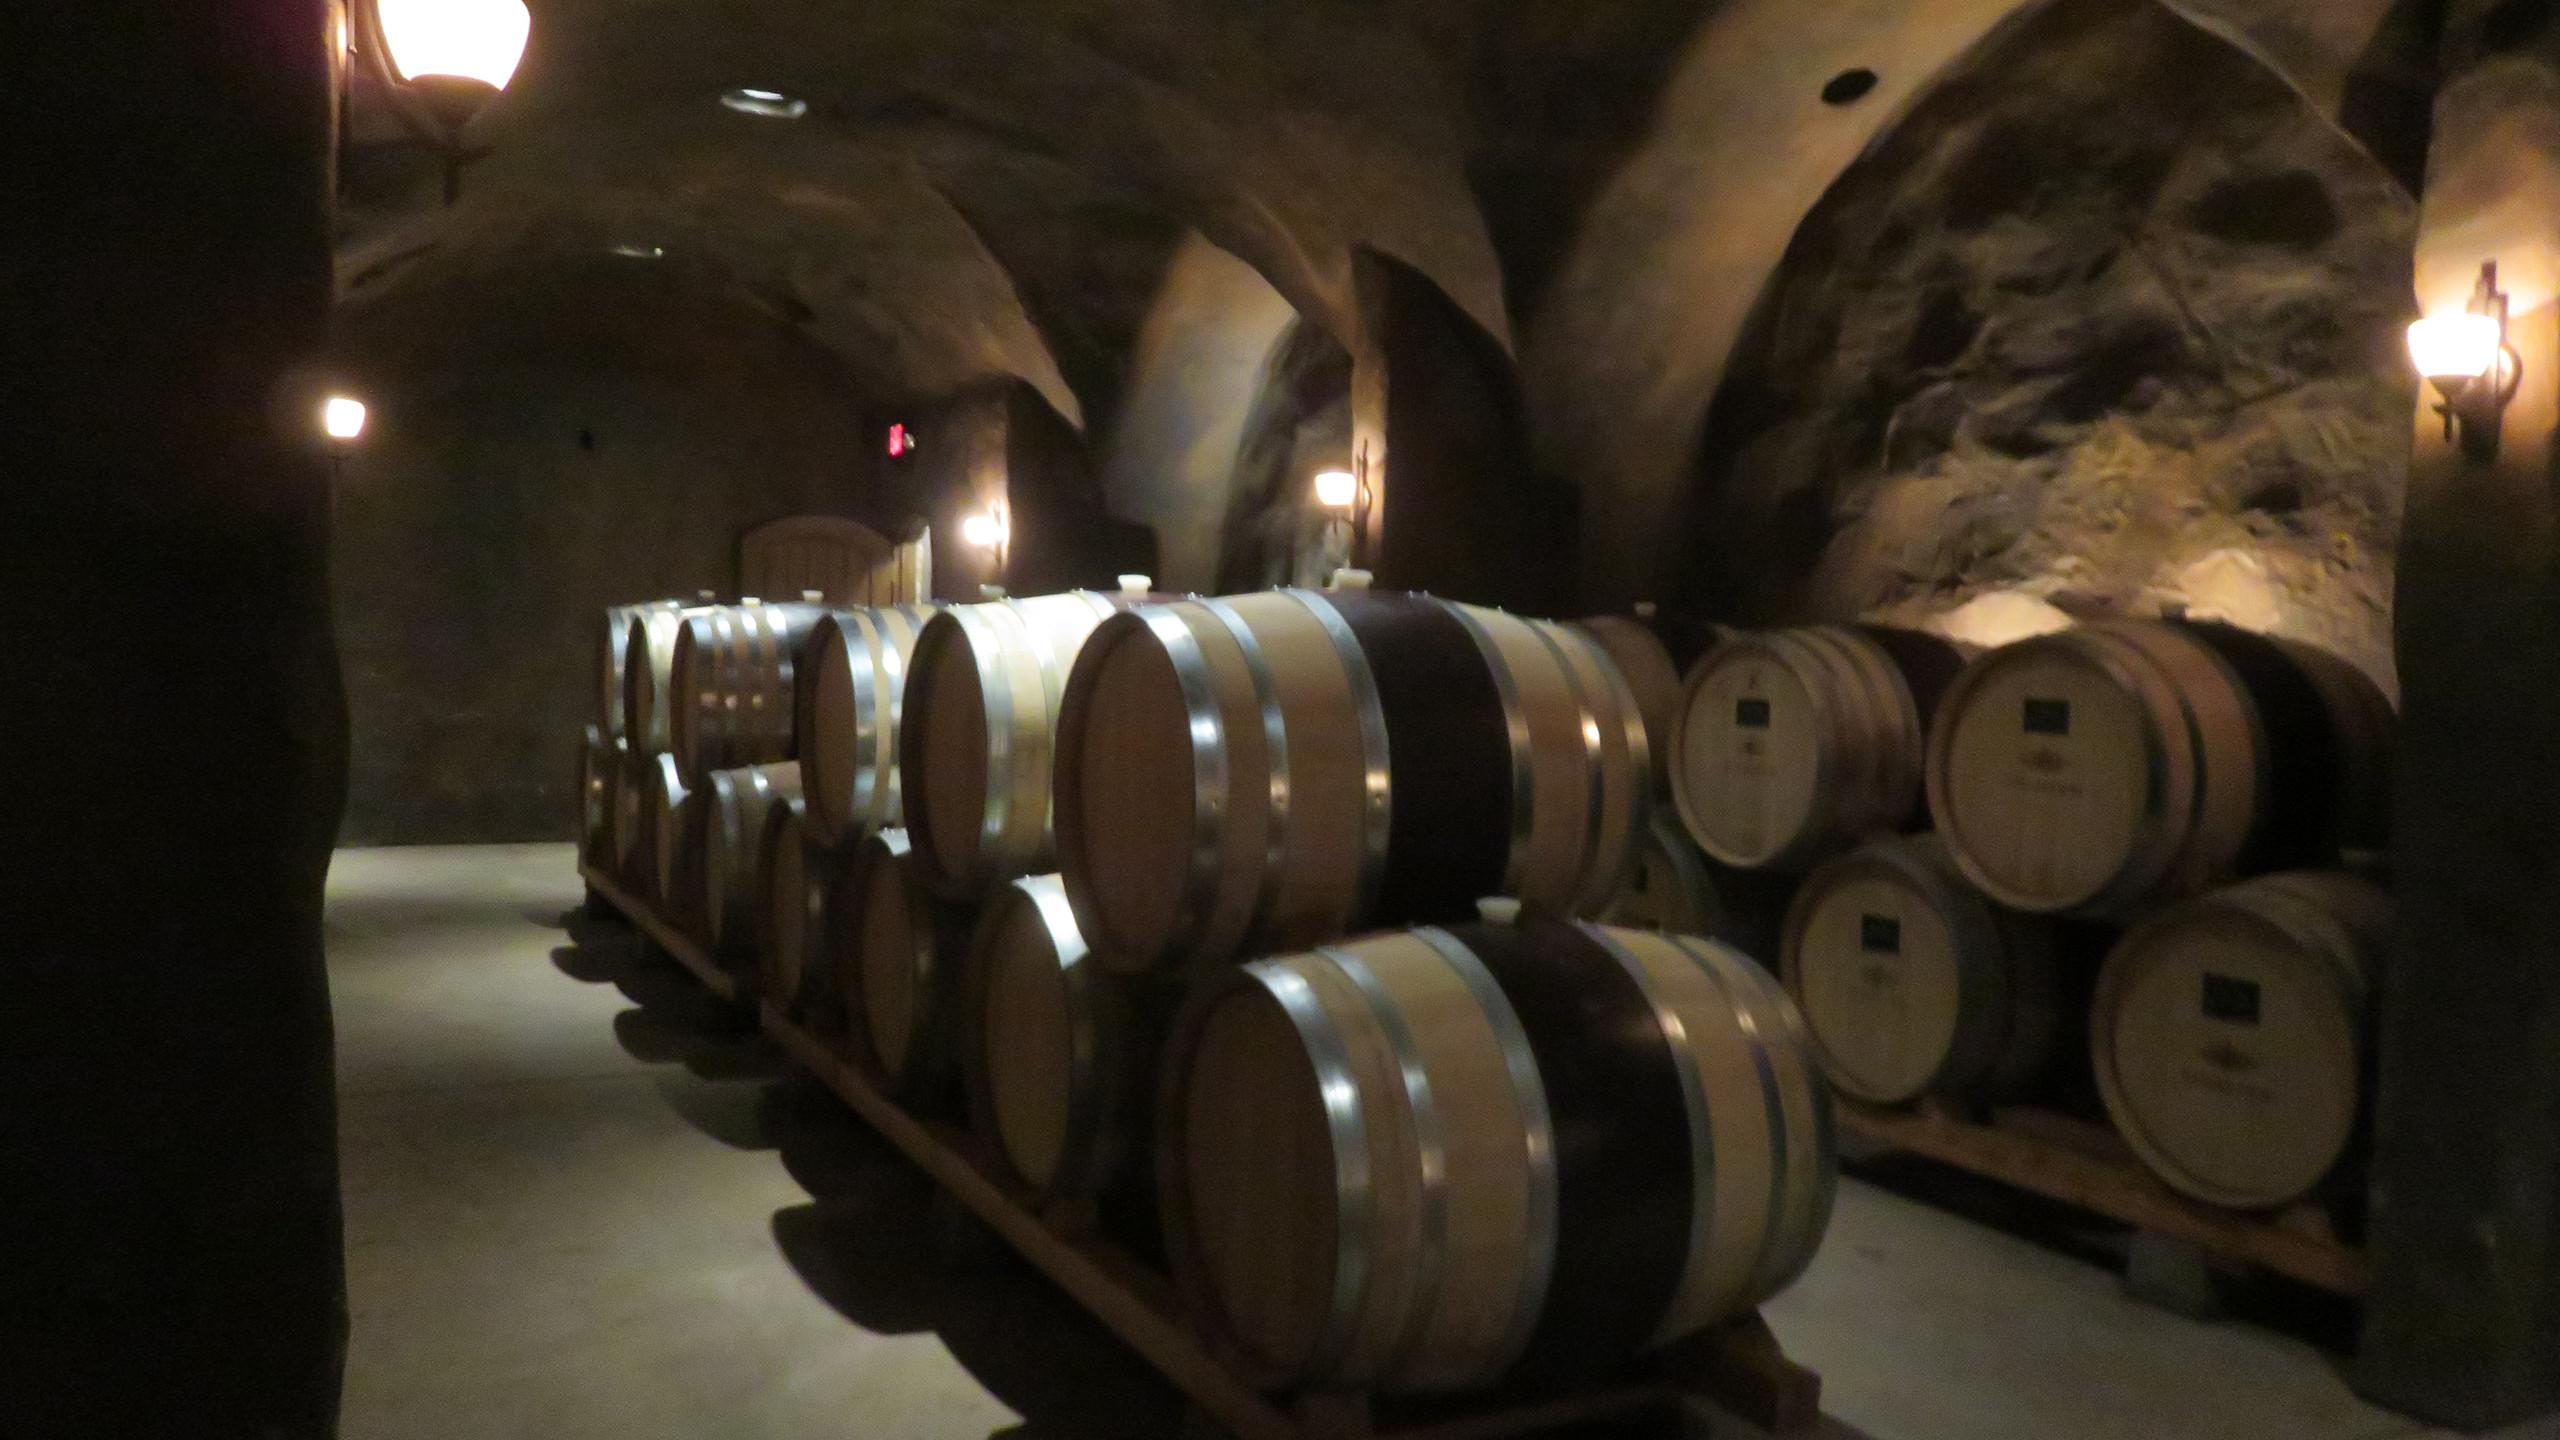 Barrel Cave